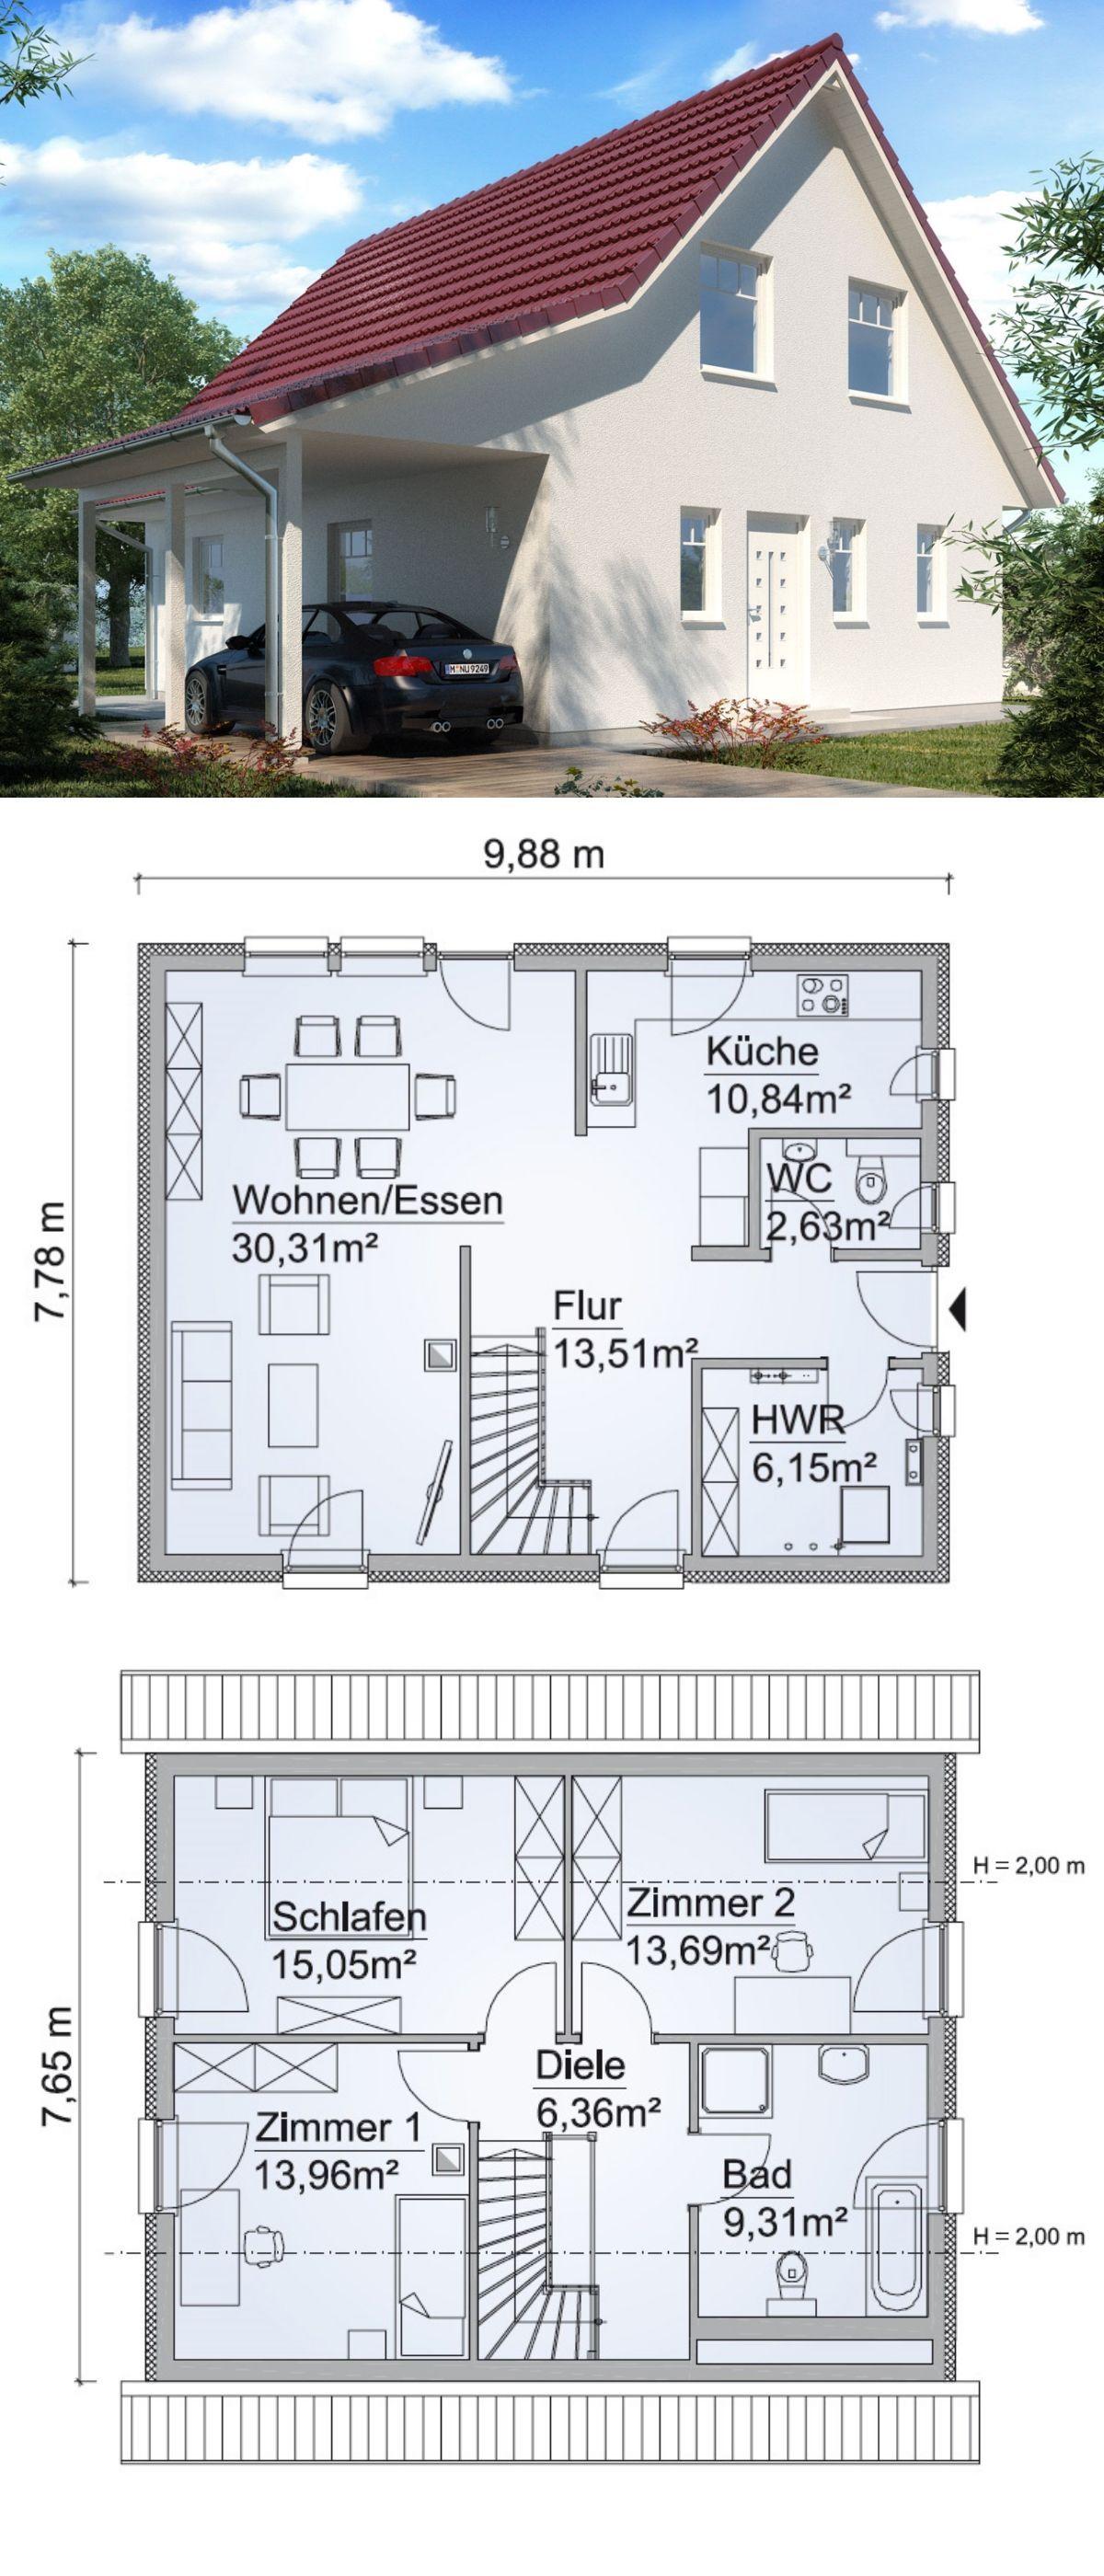 Satteldach Haus Neubau Modern U0026amp; Grundriss Mit Seiteneingang    Einfamilienhaus Bauen Ideen Fertighaus SH 122